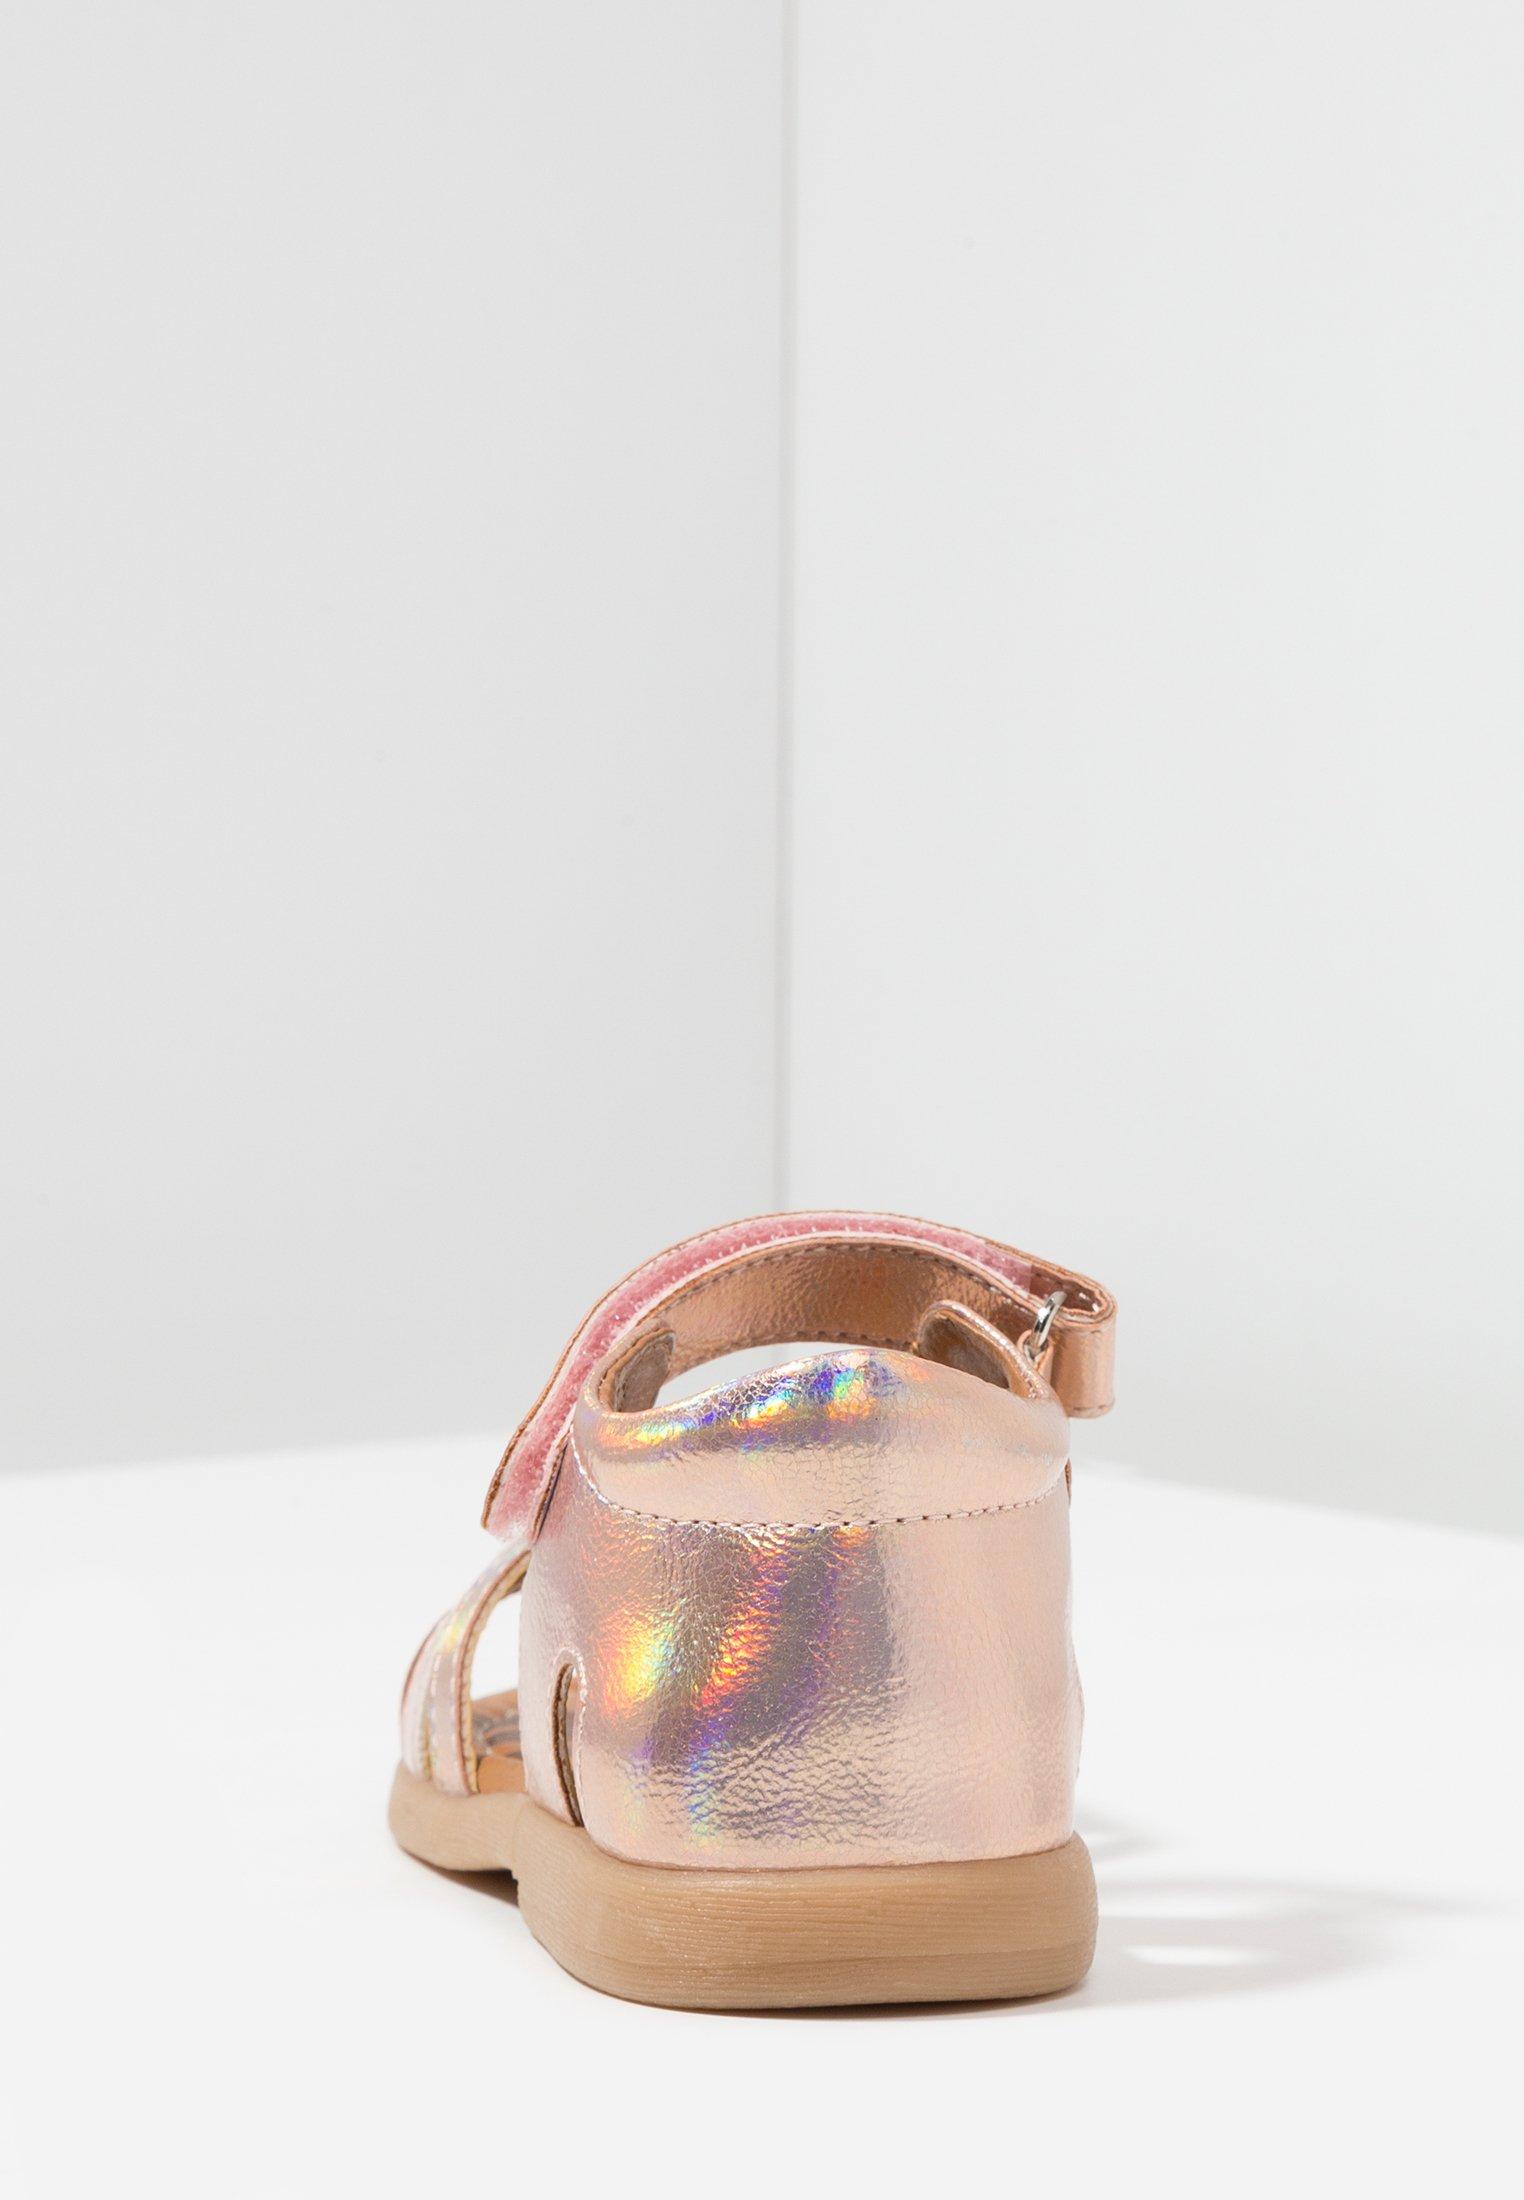 Descuento particular Friboo Sandalias - rose gold | Zapatos para niños 2020 5l5UU